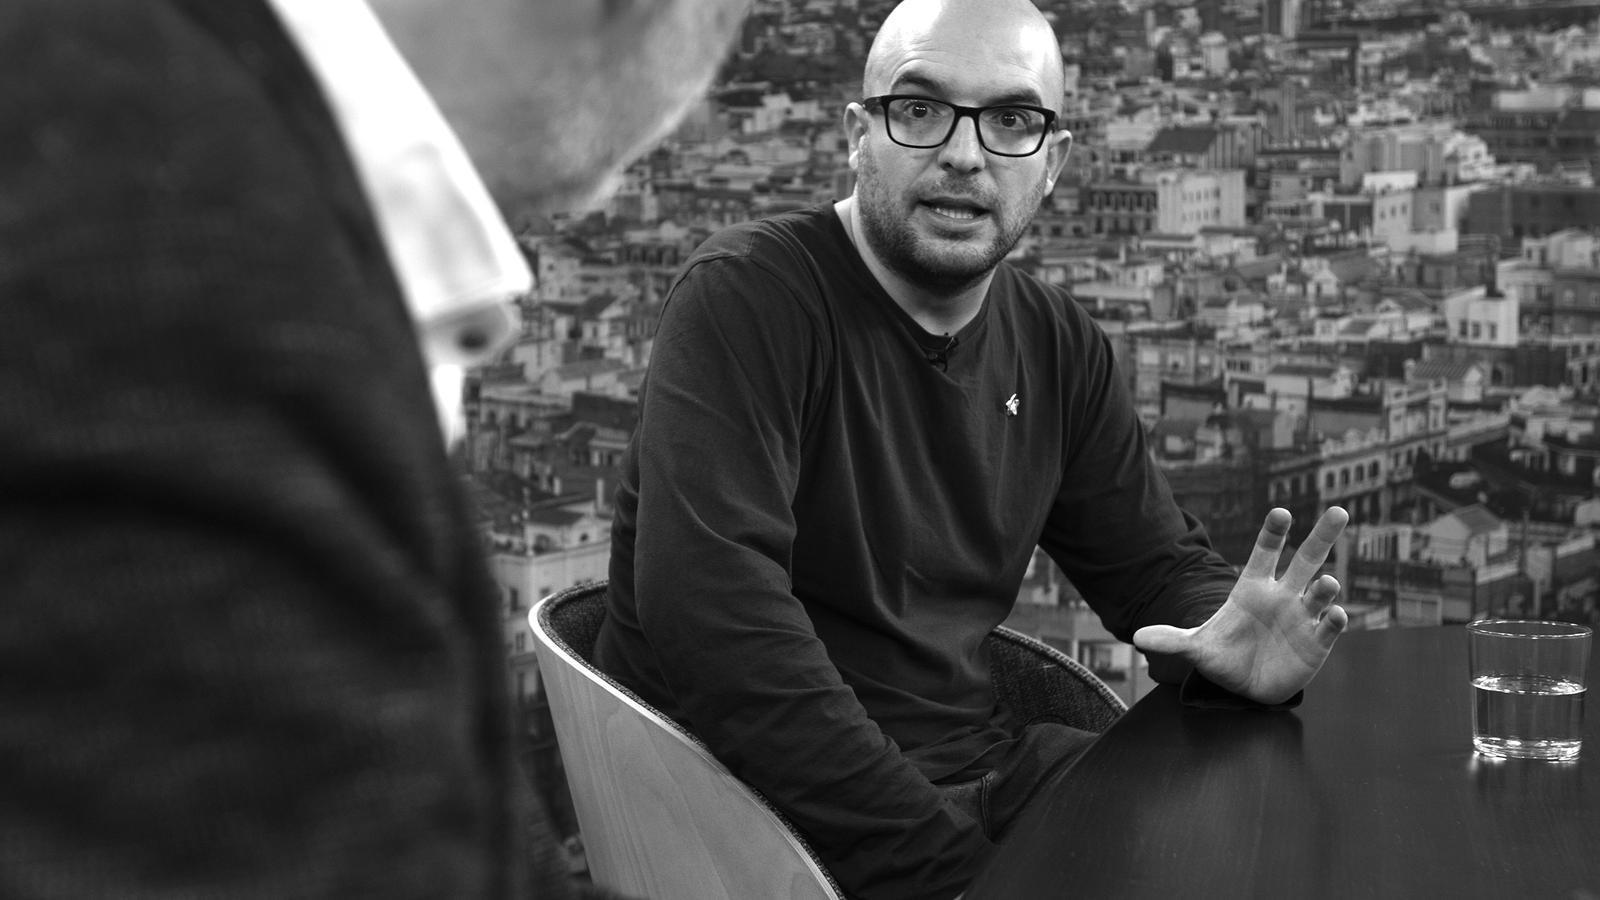 L'anàlisi d'Antoni Bassas: 'La resposta, en consciència'